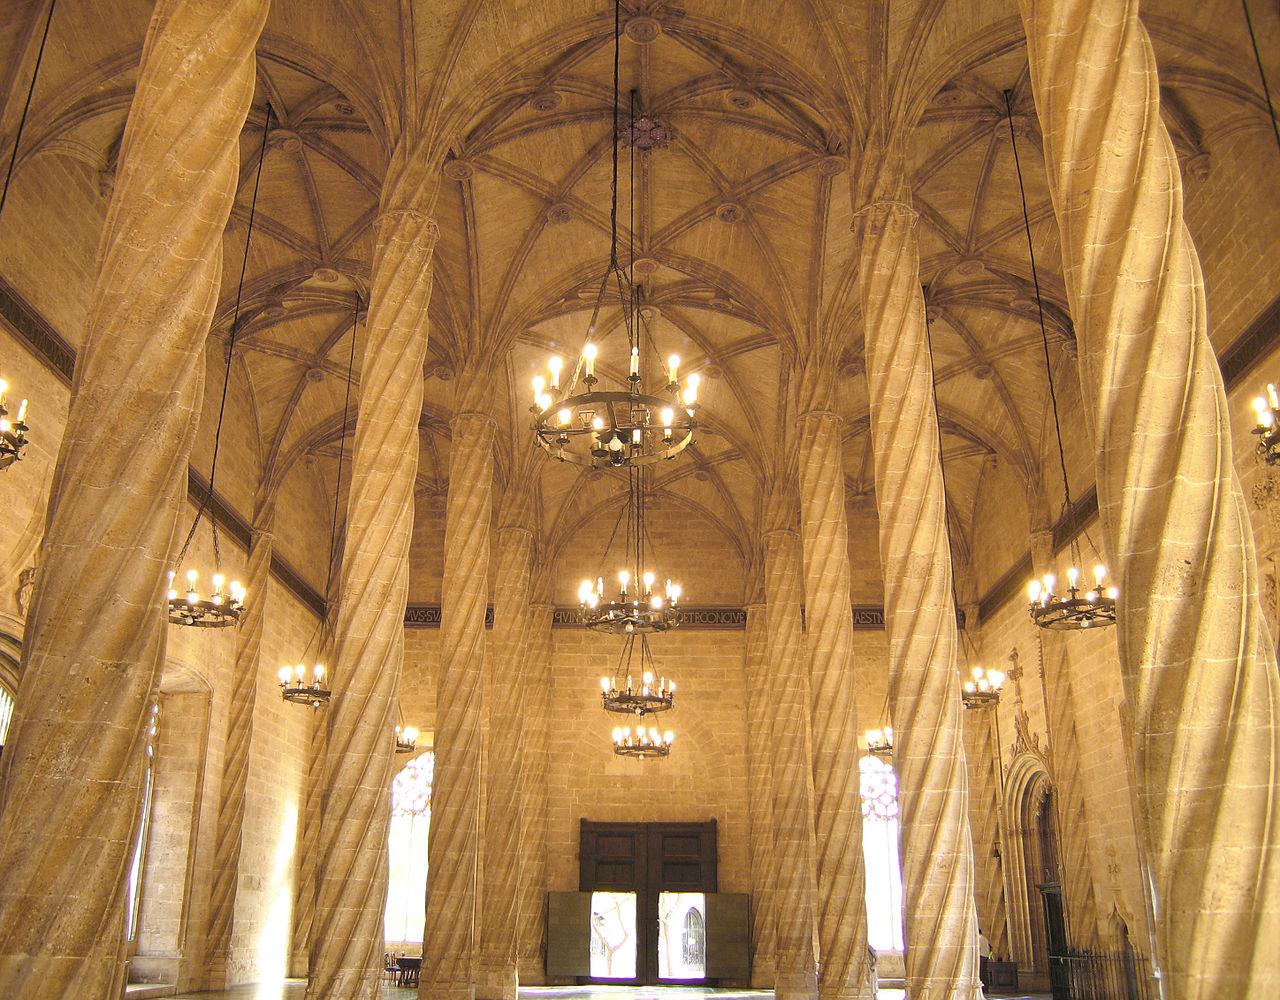 Sala de Contractació de la Llotja de València, Usuari: Felivet, Domini públic